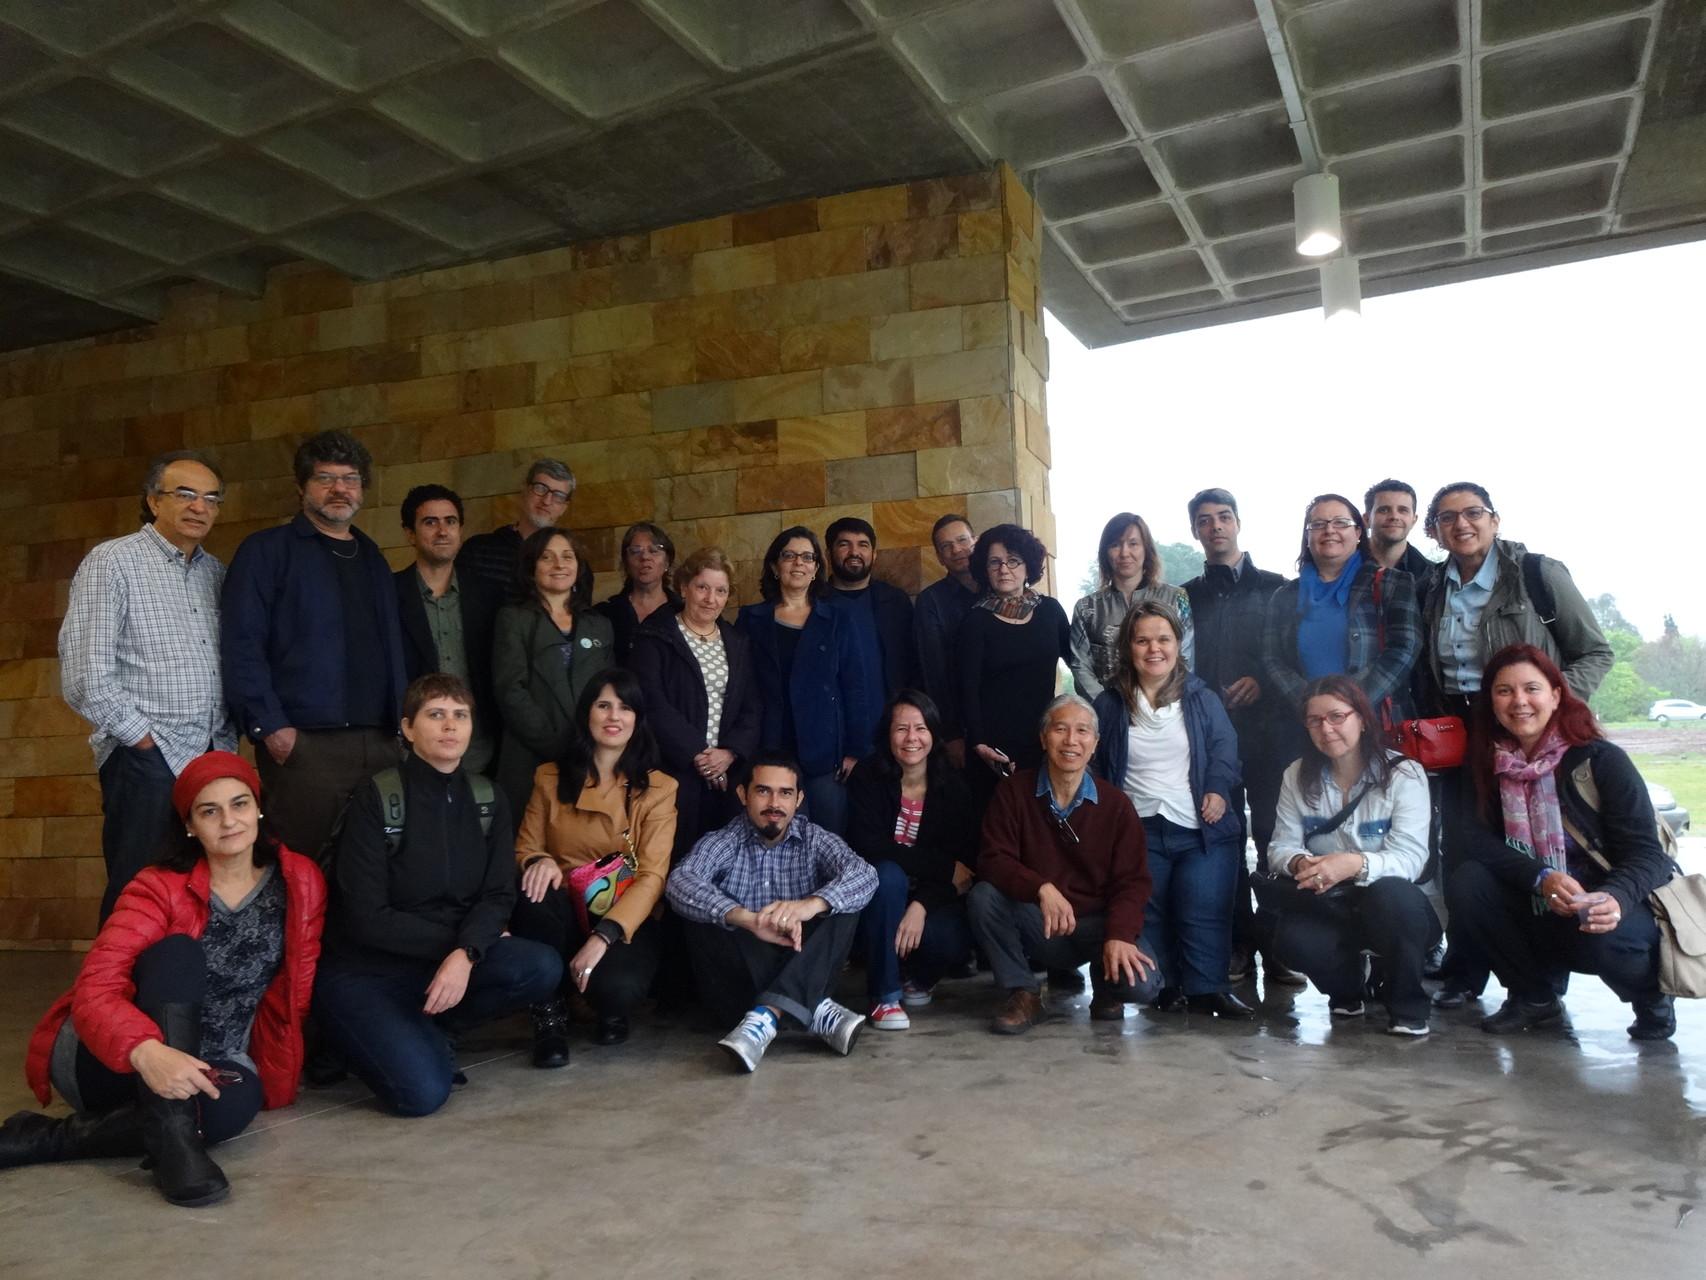 V Fórum de Coordenadores de Graduação e Pós-Graduação em Artes Visuais –  24º ANPAP - UFSM - 21-22/Set/2015 -  Santa Maria/RS